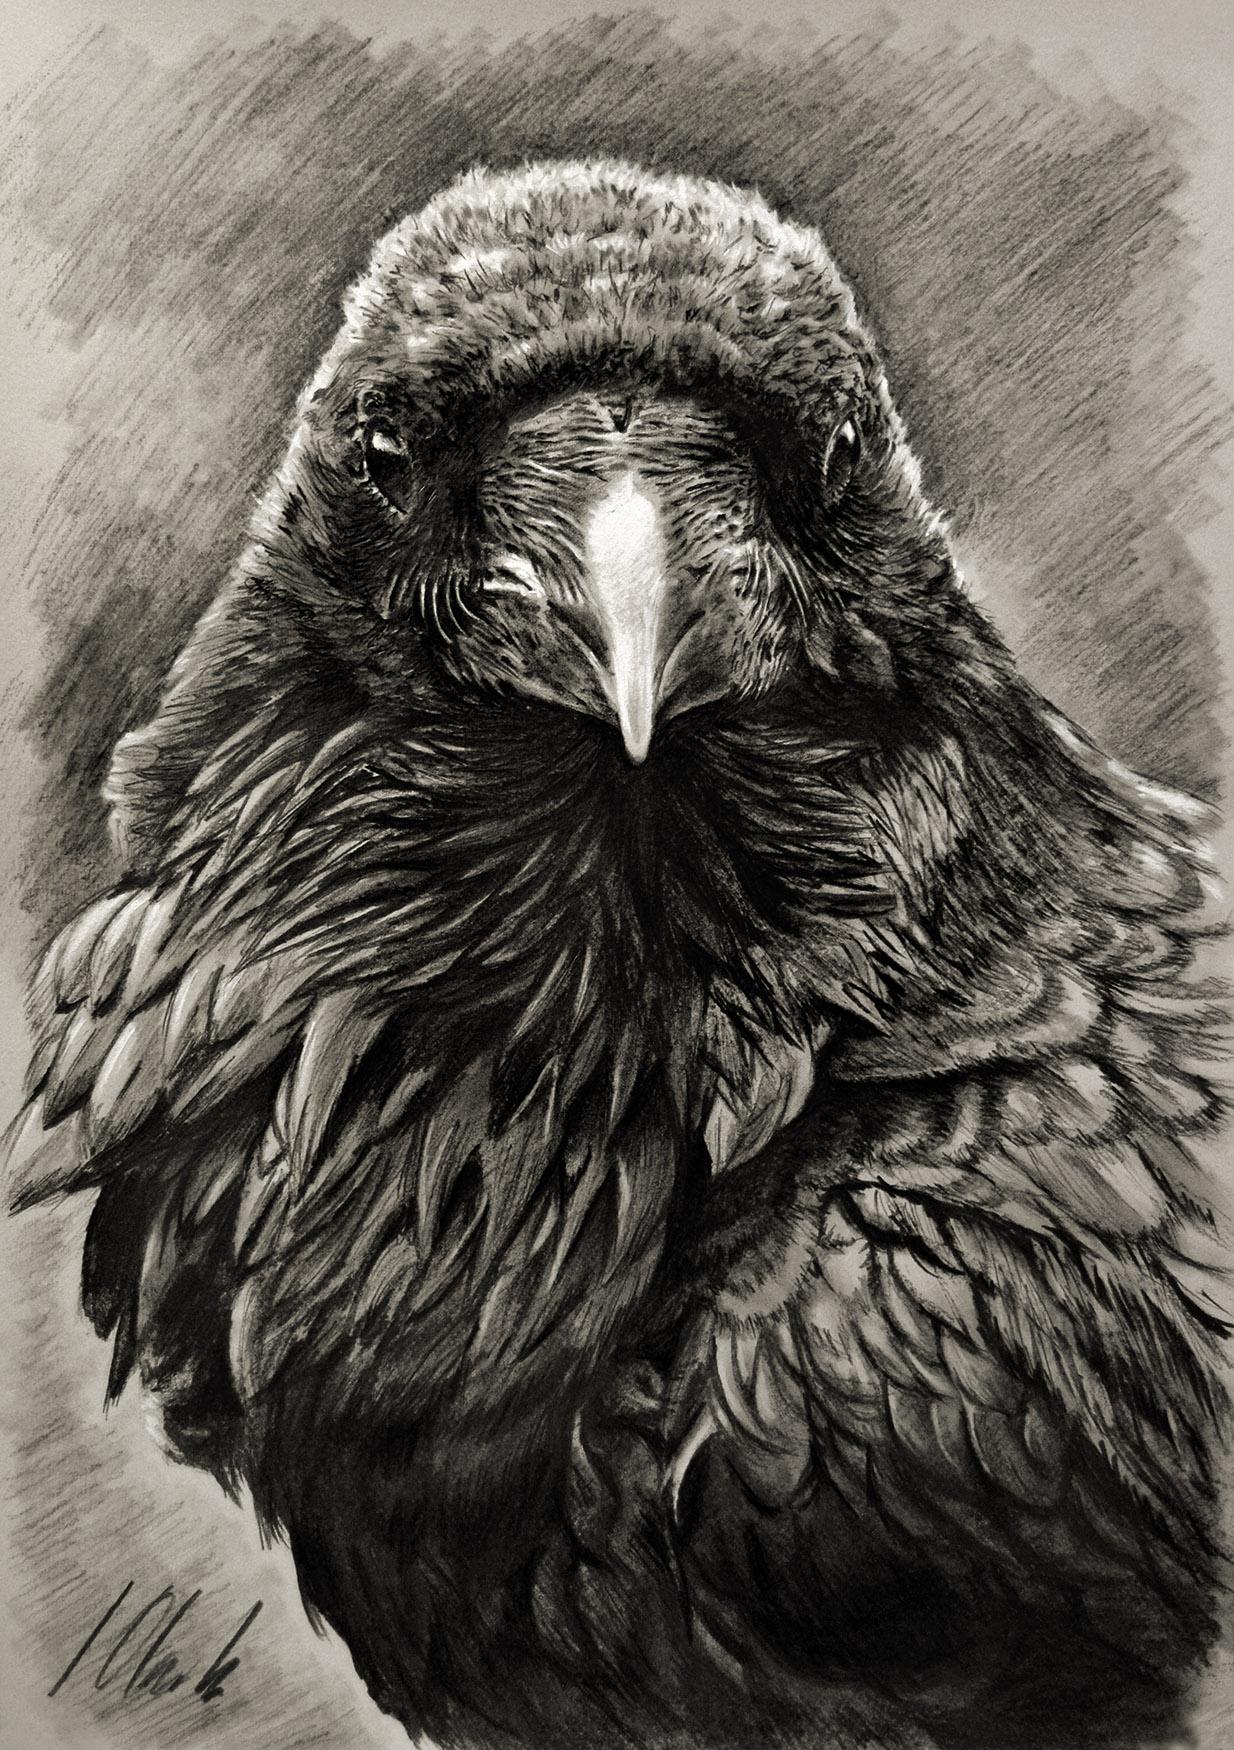 Cuervo. Dibujo en grafito, 35 x 50 cm. Javier Olmedo - 2017 - PV 129,00 €